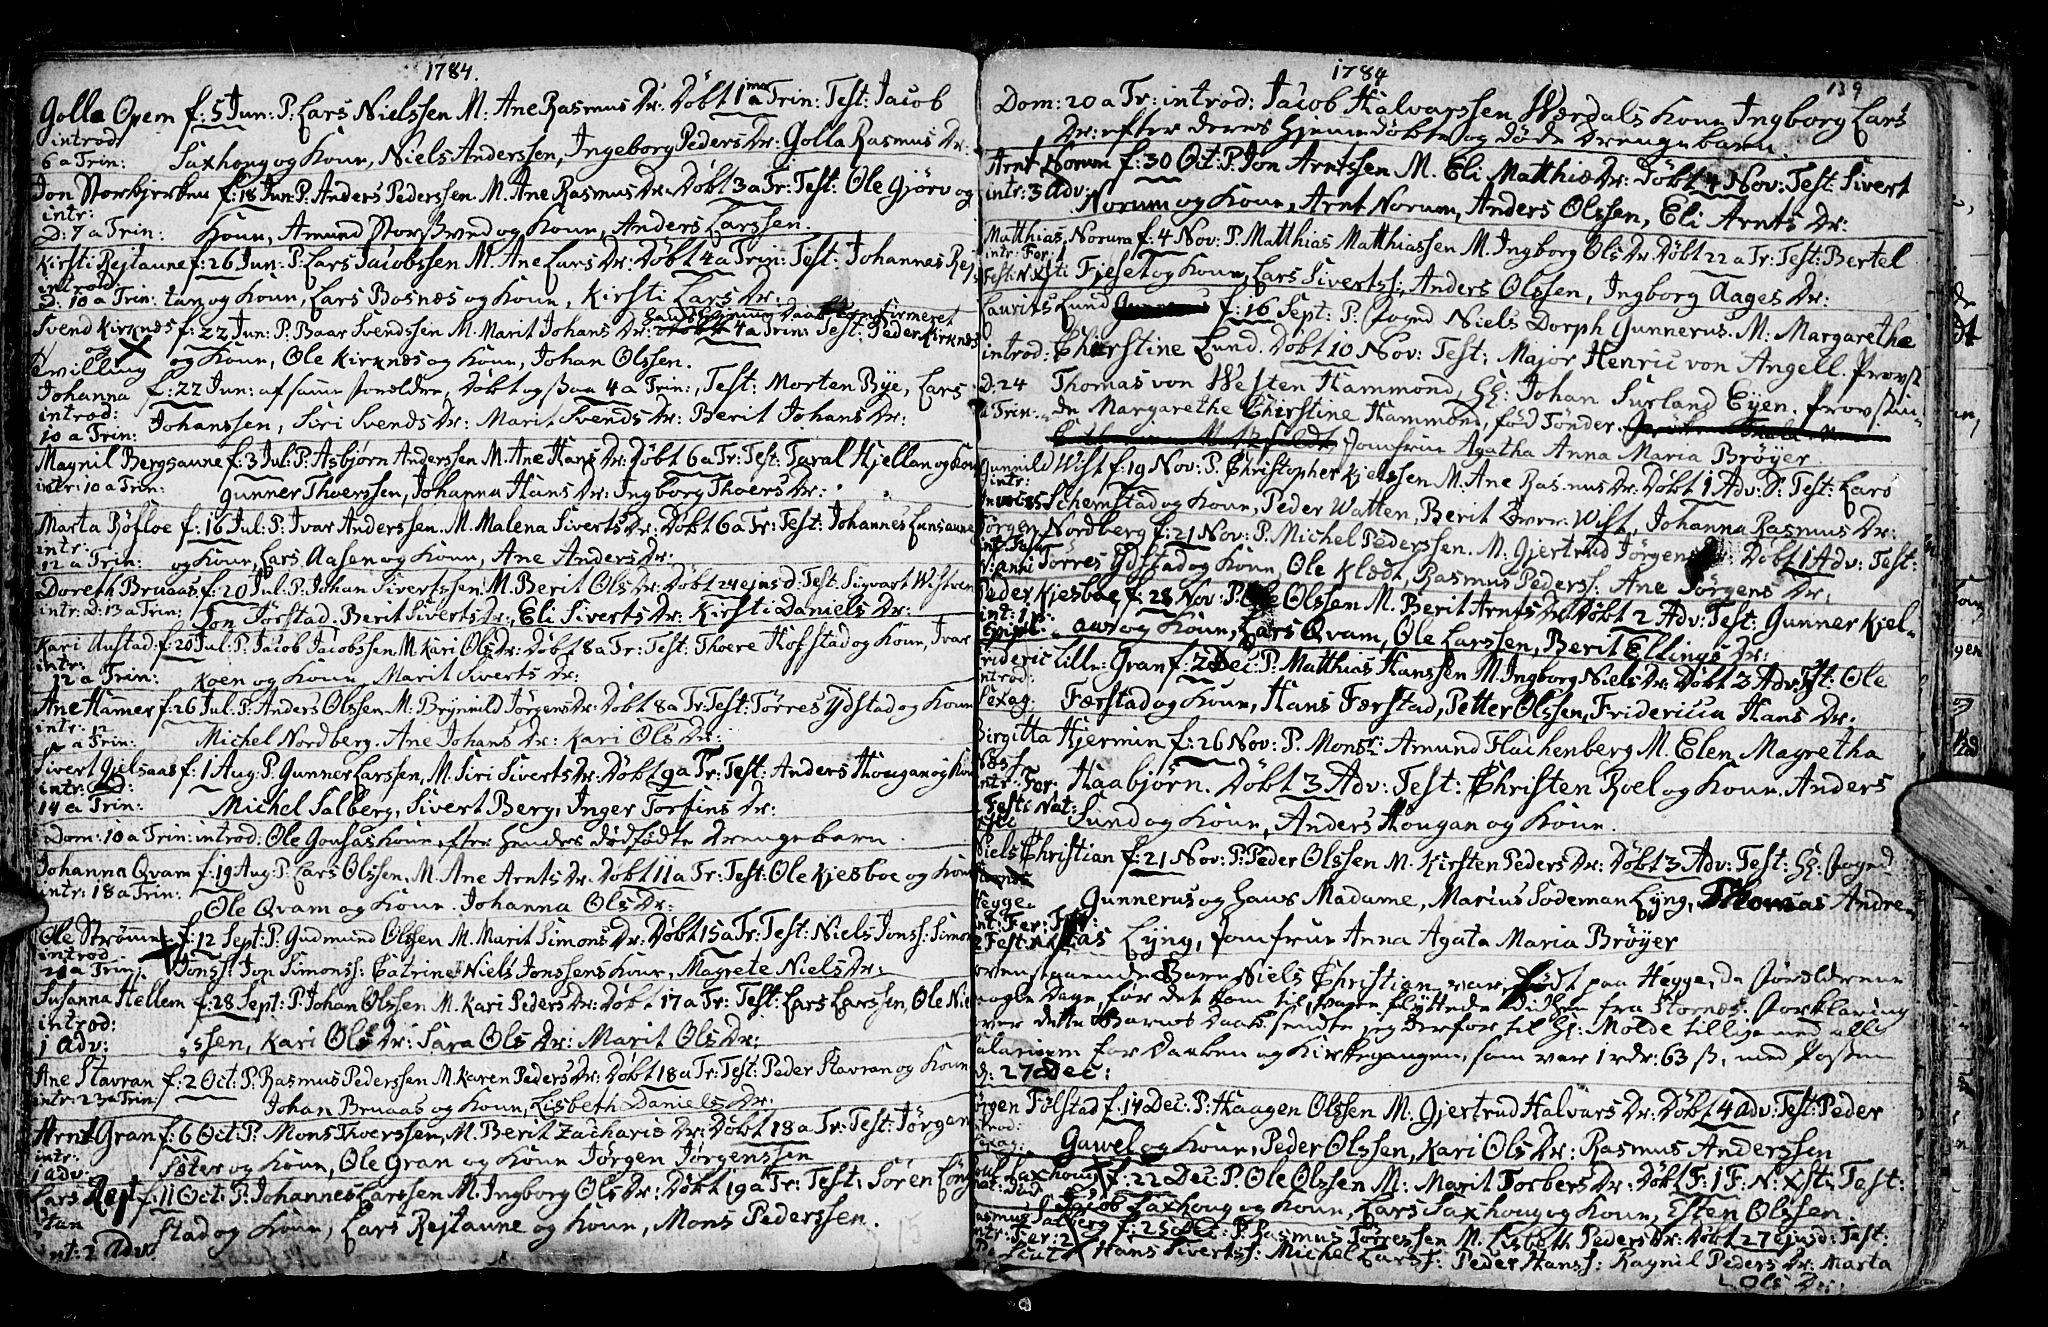 SAT, Ministerialprotokoller, klokkerbøker og fødselsregistre - Nord-Trøndelag, 730/L0273: Ministerialbok nr. 730A02, 1762-1802, s. 139